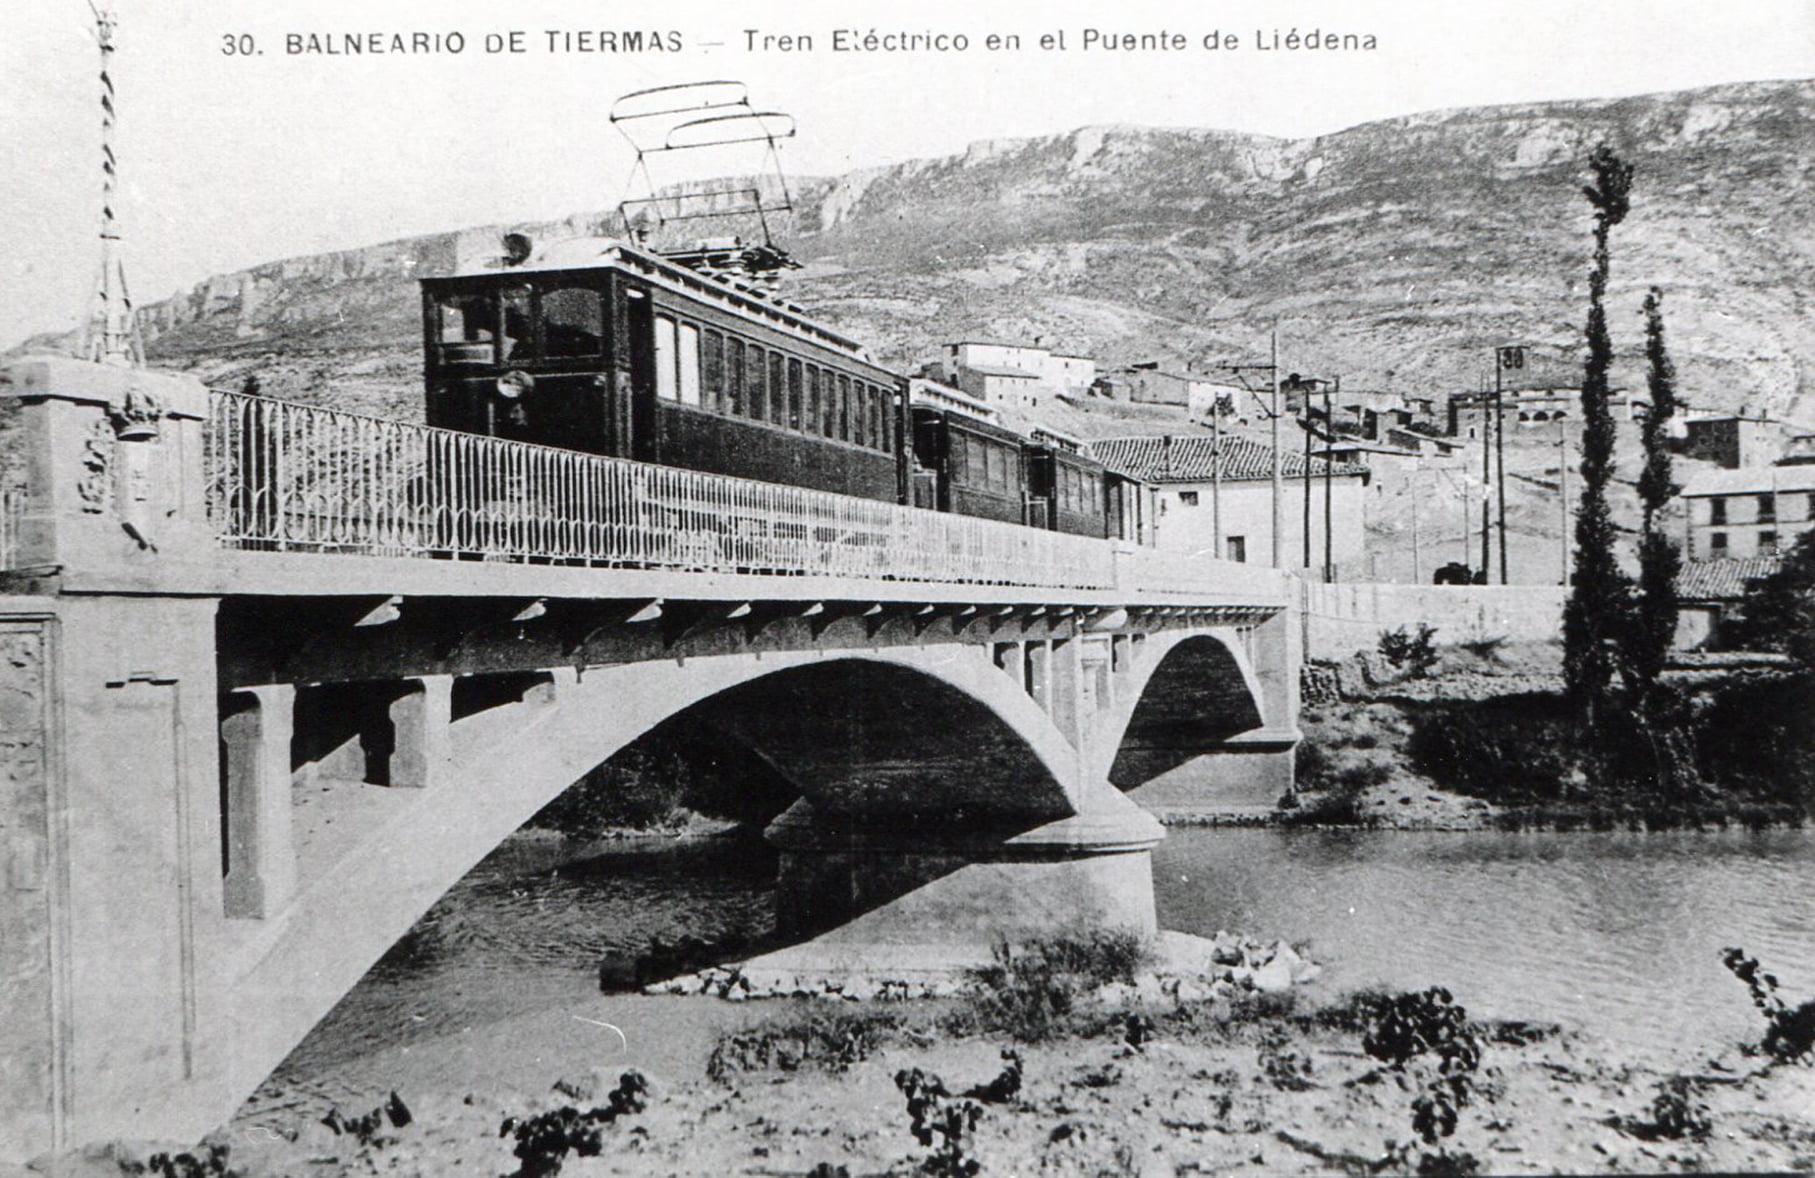 Hoy hace 110 años que el tren Irati realizó su primer viaje